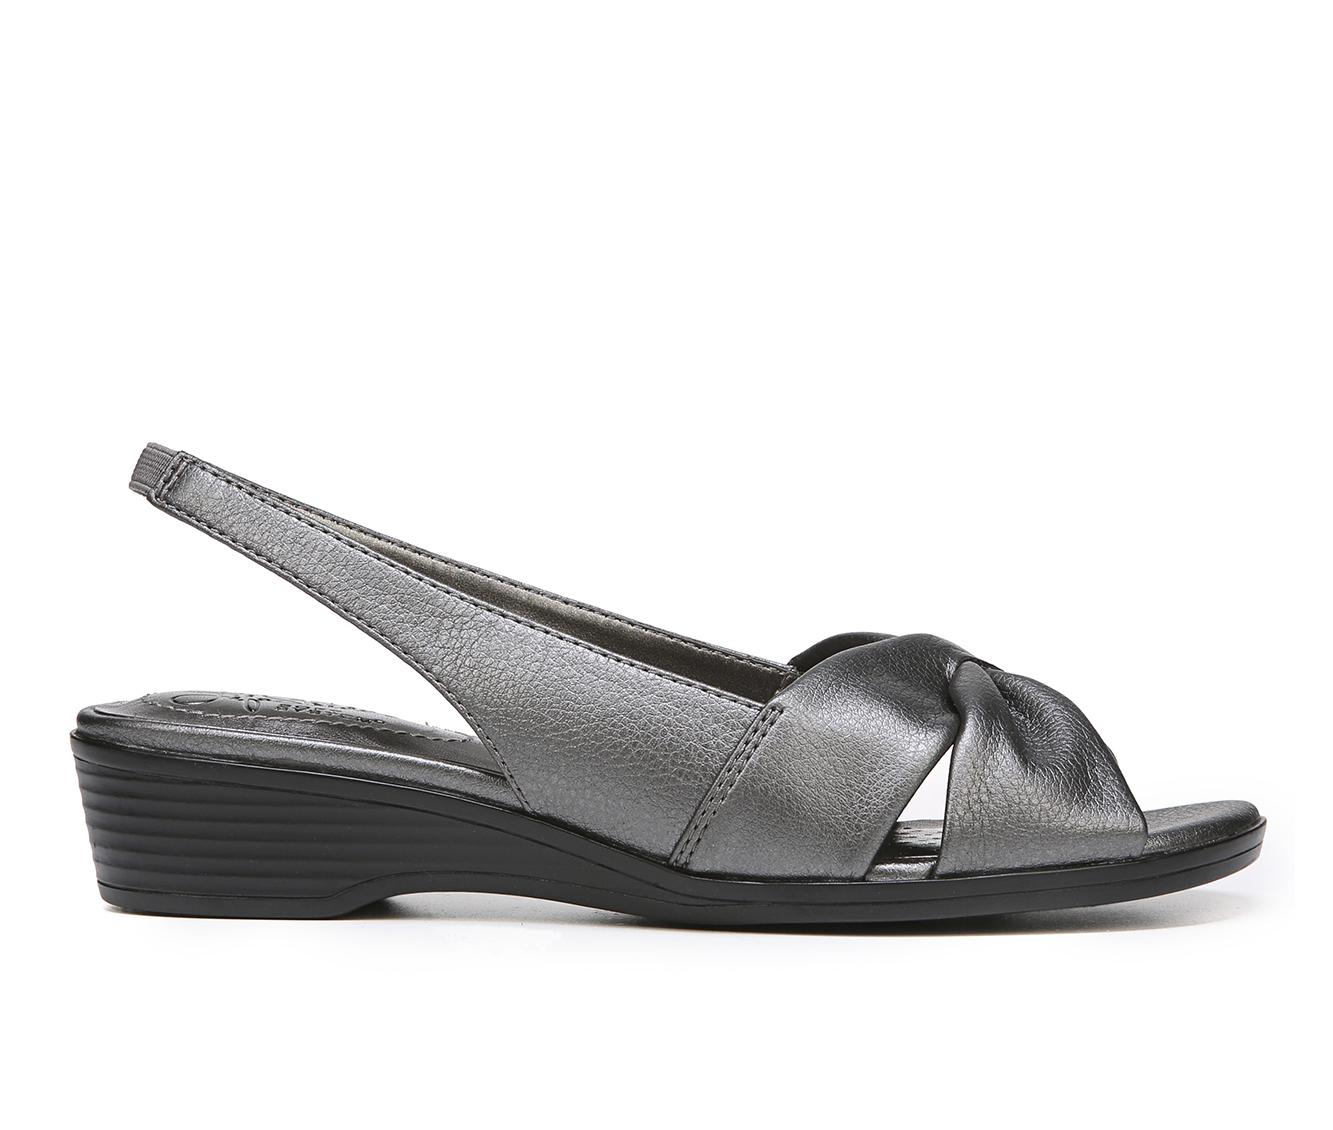 LifeStride Mimosa 2 Women's Sandal (Gray Faux Leather)